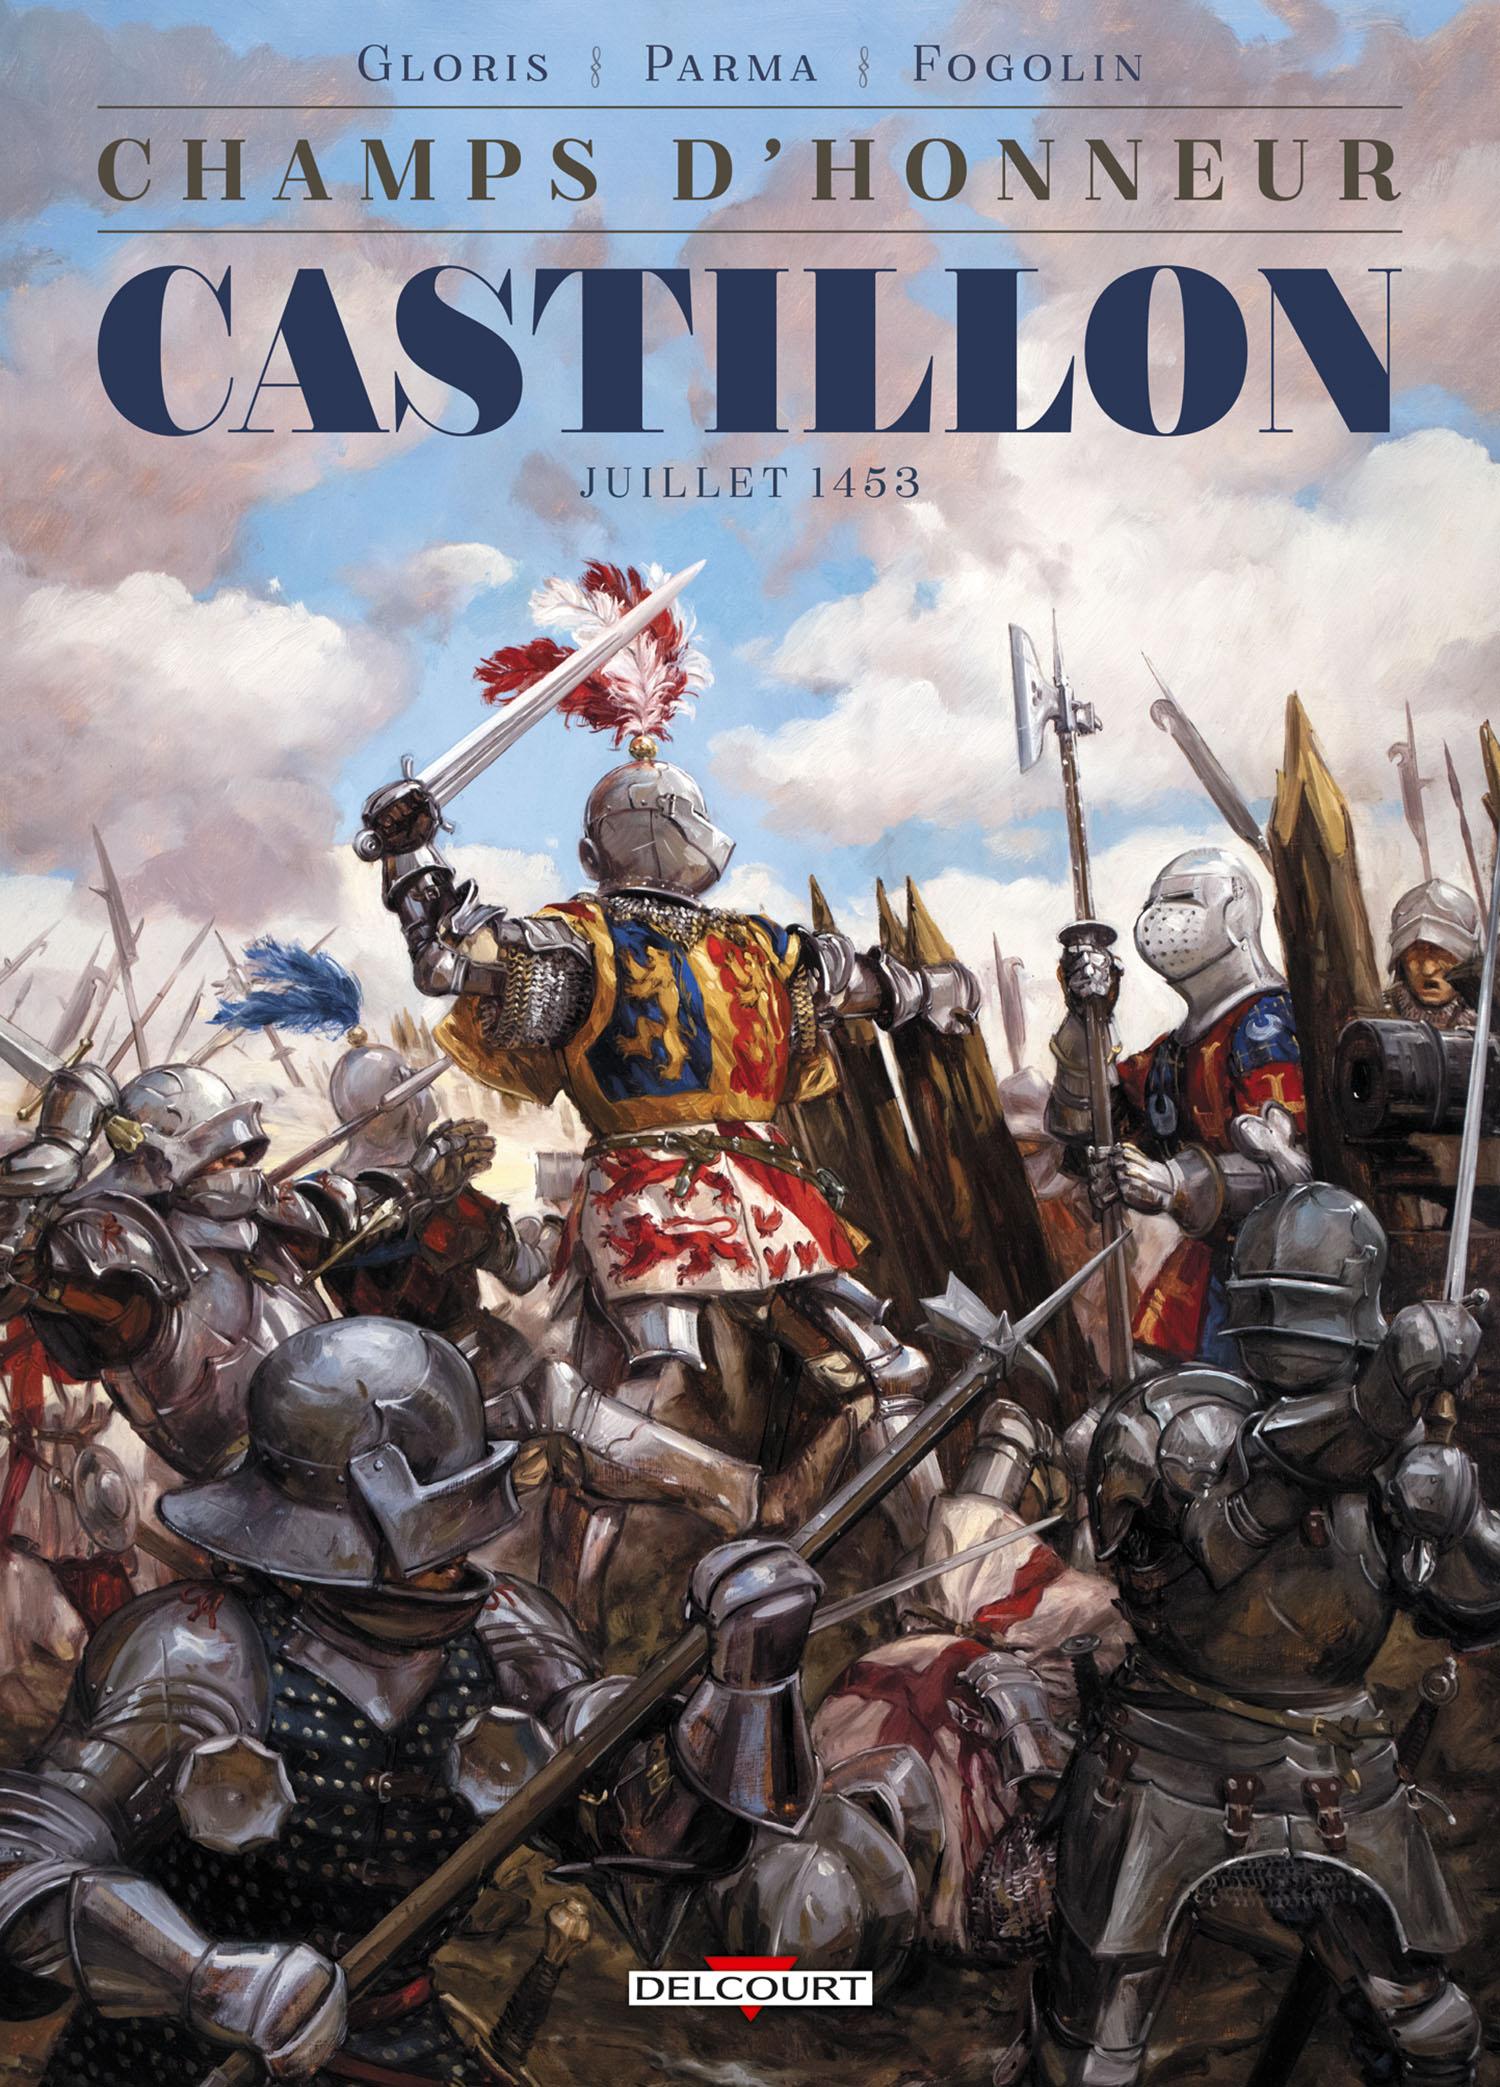 Champs d'honneur T2 : Castillon, juillet 1453 (0), bd chez Delcourt de Gloris, Parma, Fogolin, Pinson